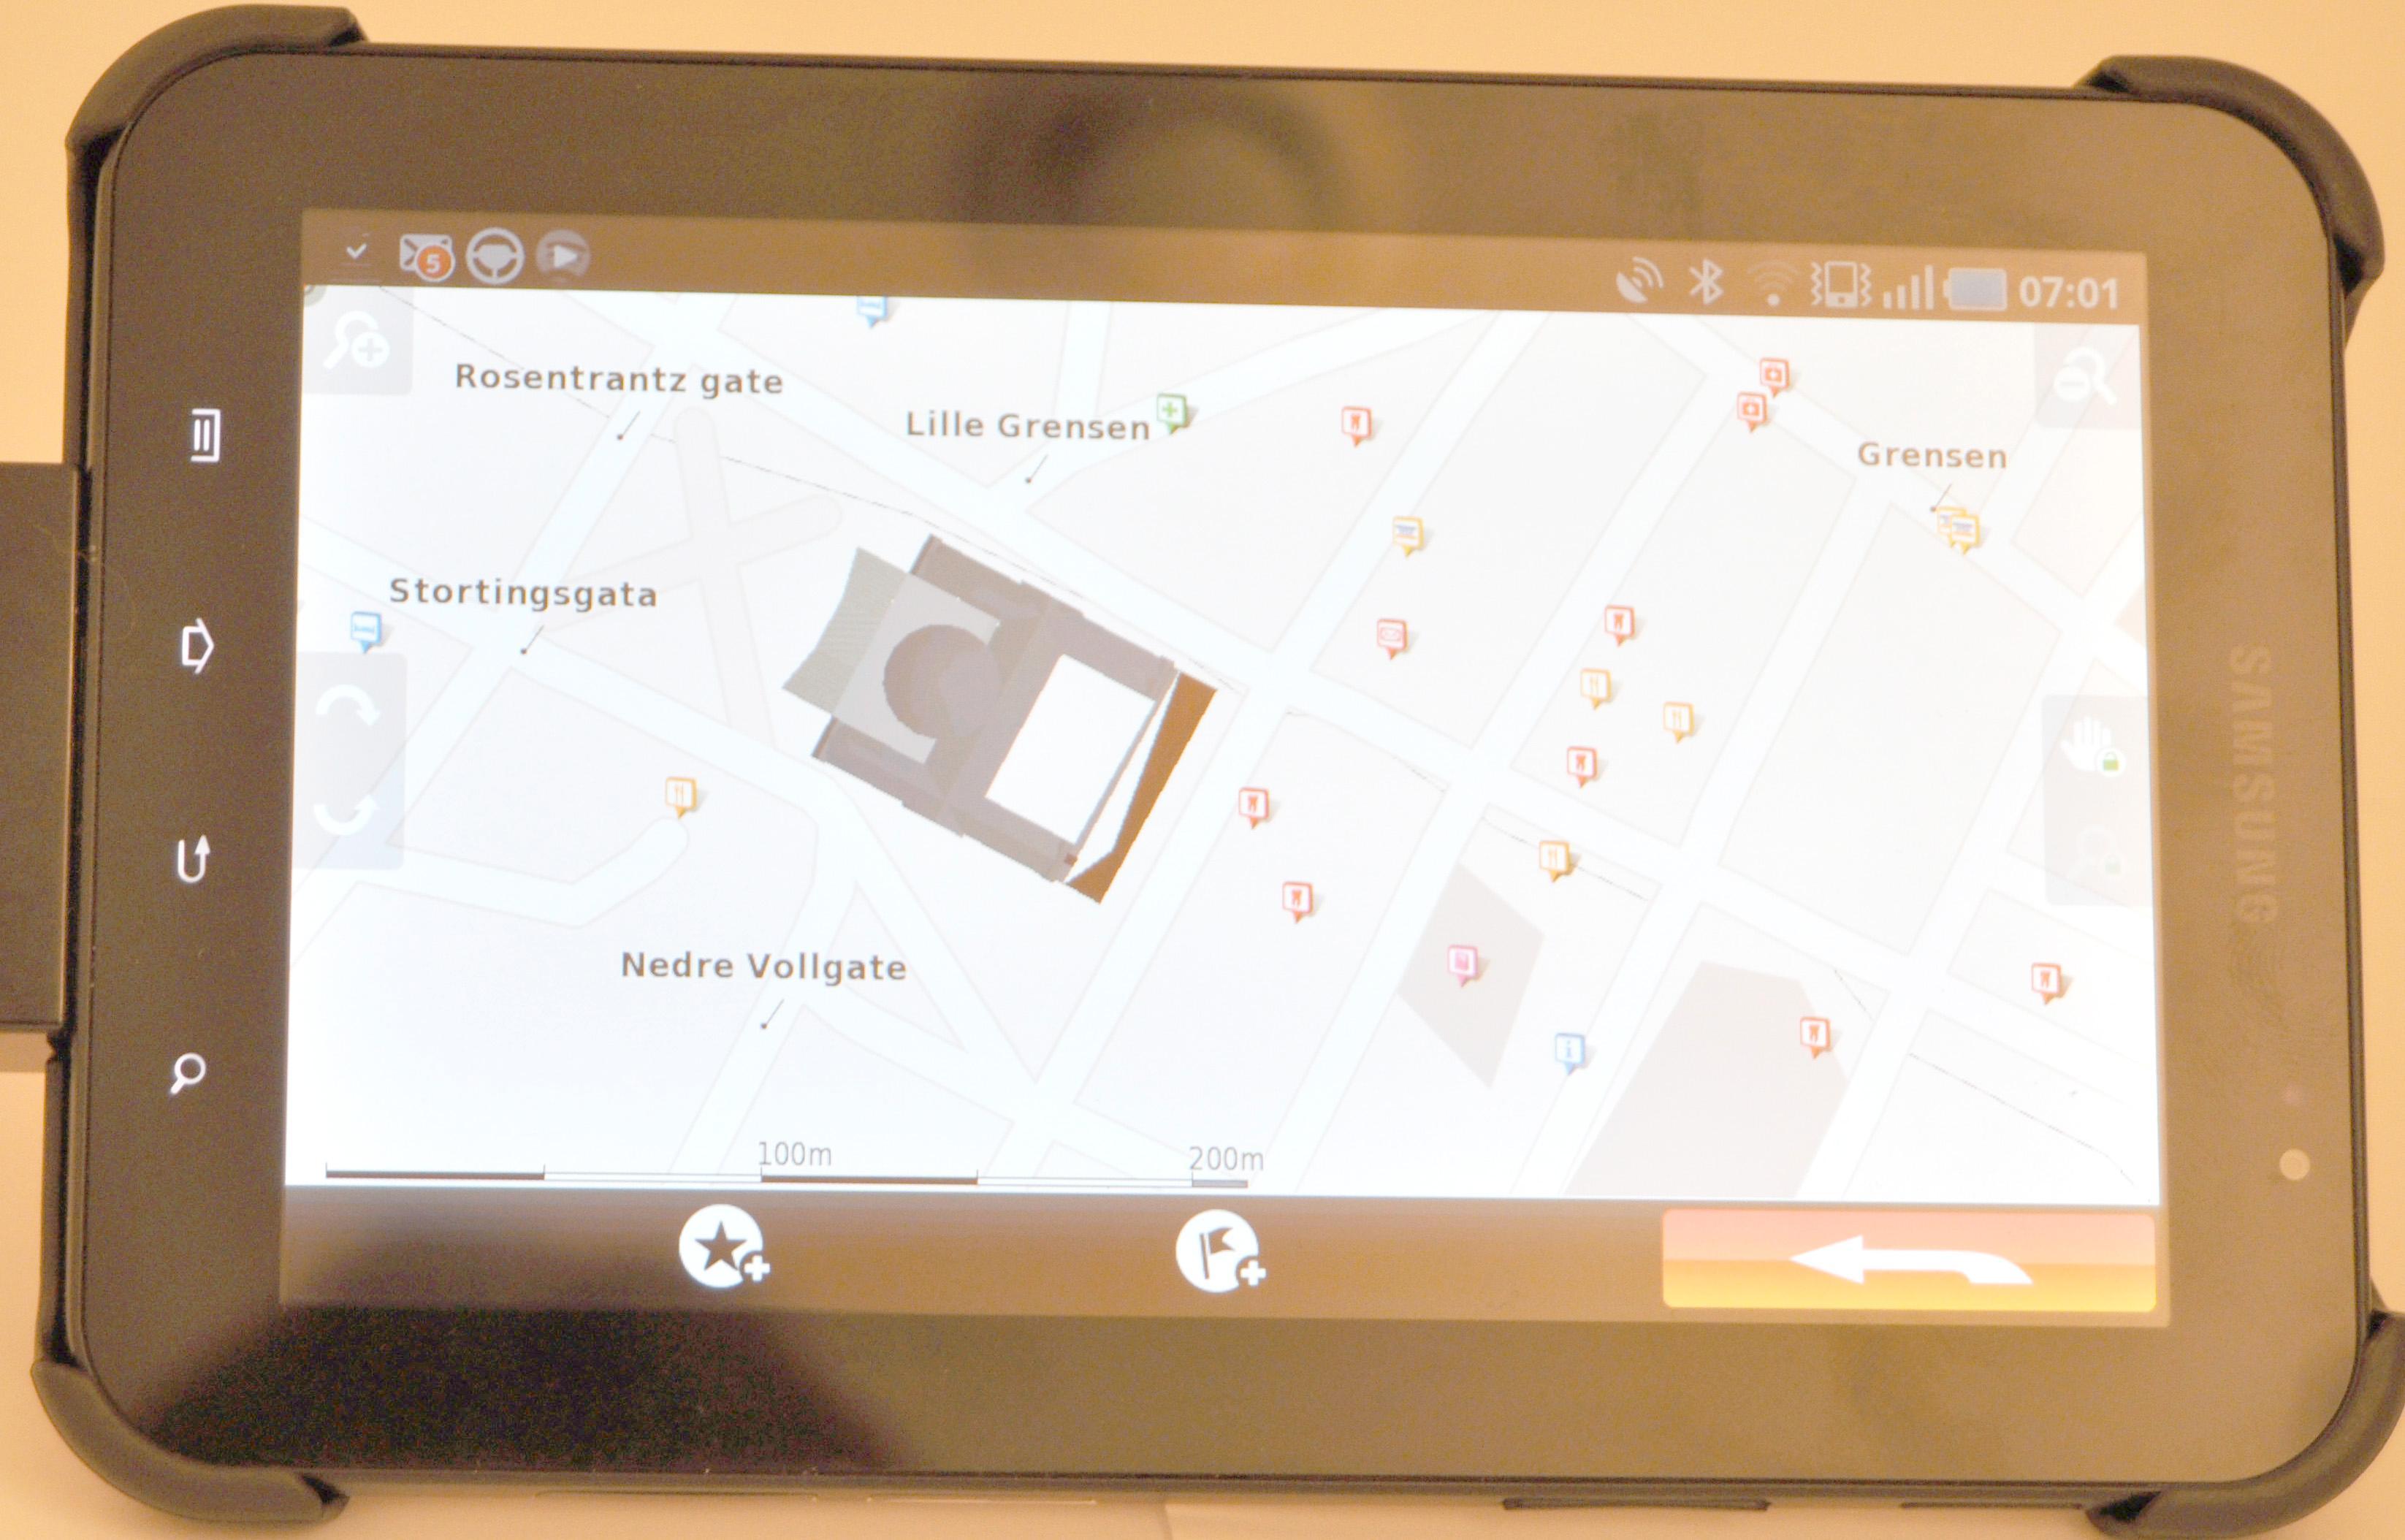 Enkelte bygninger er synlige som grafikk på kartet. Spesielt detaljerte er de ikke, men det forbedrer like fullt opplevelsen.